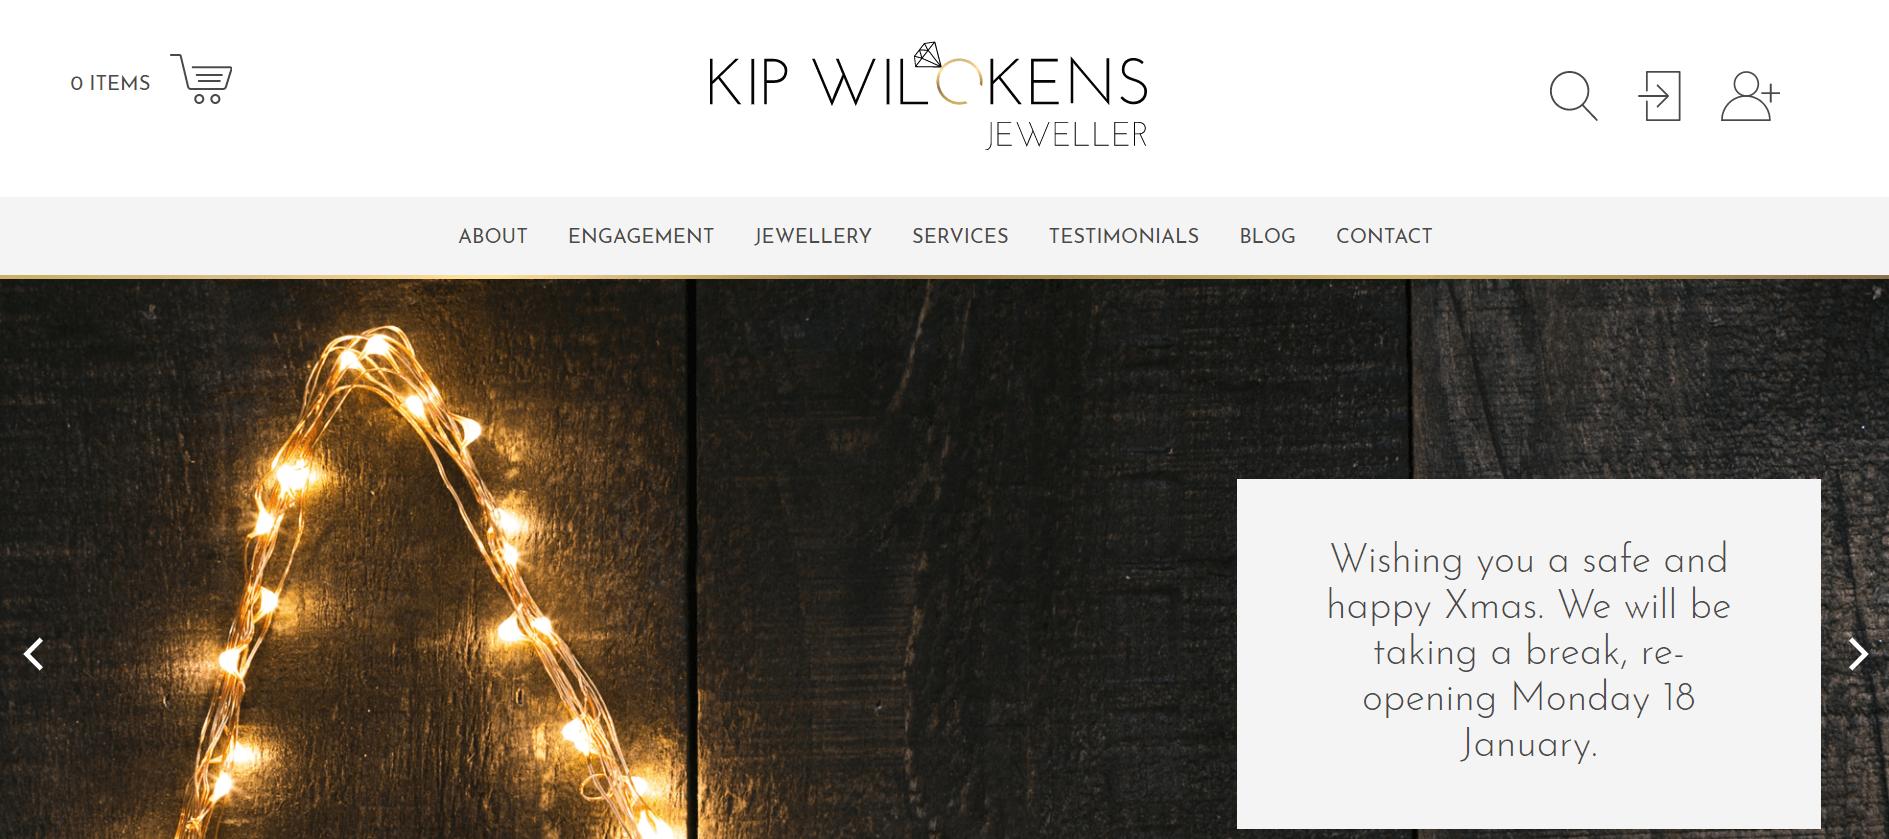 Kip Wilckens